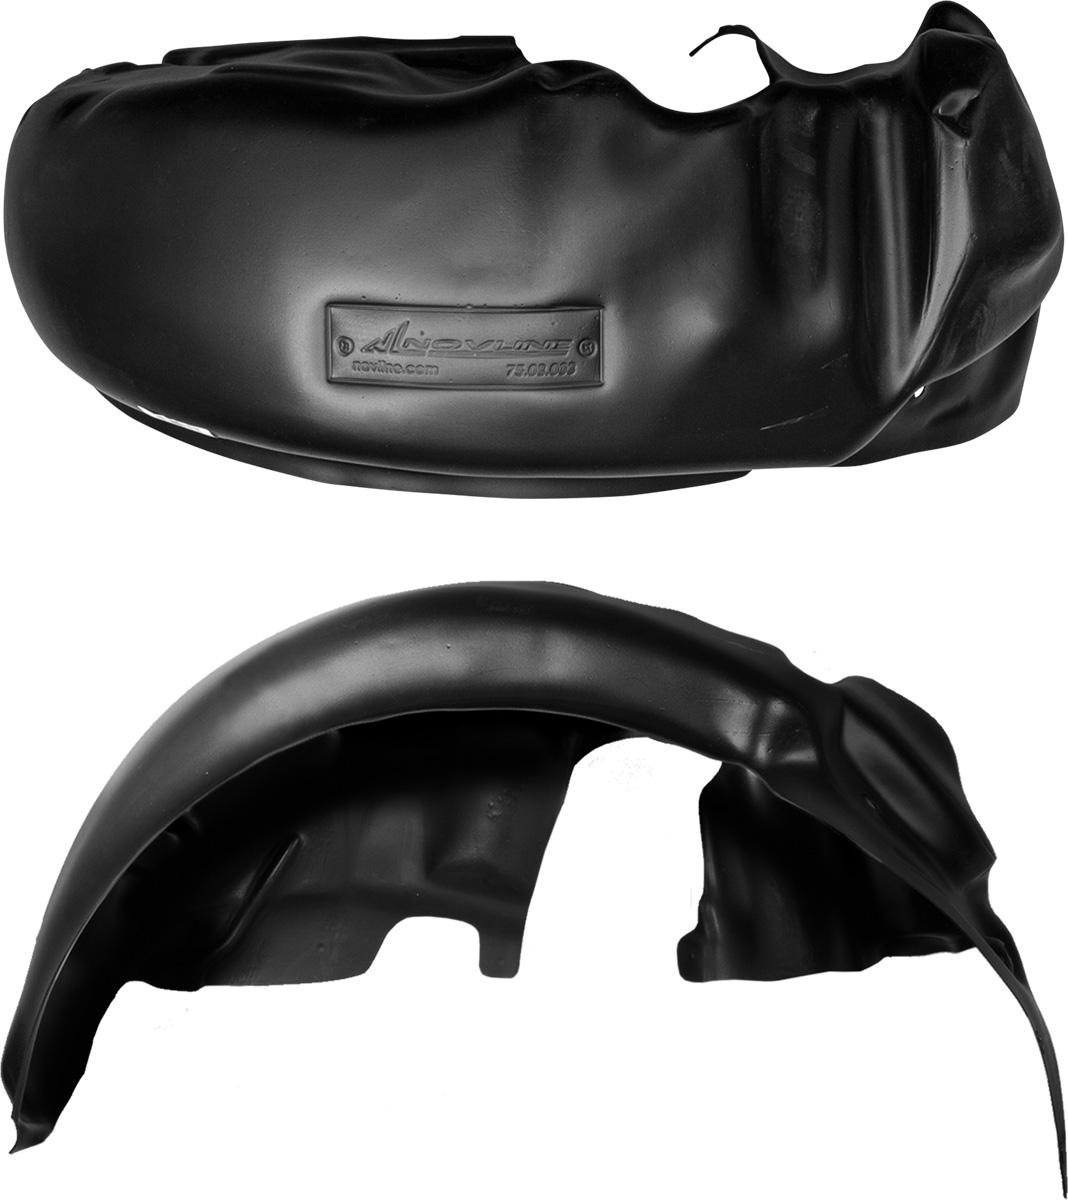 Подкрылок CHEVROLET NIVA 2009-2013, передний правыйCA-3505Колесные ниши – одни из самых уязвимых зон днища вашего автомобиля. Они постоянно подвергаются воздействию со стороны дороги. Лучшая, почти абсолютная защита для них - специально отформованные пластиковые кожухи, которые называются подкрылками, или локерами. Производятся они как для отечественных моделей автомобилей, так и для иномарок. Подкрылки выполнены из высококачественного, экологически чистого пластика. Обеспечивают надежную защиту кузова автомобиля от пескоструйного эффекта и негативного влияния, агрессивных антигололедных реагентов. Пластик обладает более низкой теплопроводностью, чем металл, поэтому в зимний период эксплуатации использование пластиковых подкрылков позволяет лучше защитить колесные ниши от налипания снега и образования наледи. Оригинальность конструкции подчеркивает элегантность автомобиля, бережно защищает нанесенное на днище кузова антикоррозийное покрытие и позволяет осуществить крепление подкрылков внутри колесной арки практически без дополнительного крепежа и сверления, не нарушая при этом лакокрасочного покрытия, что предотвращает возникновение новых очагов коррозии. Технология крепления подкрылков на иномарки принципиально отличается от крепления на российские автомобили и разрабатывается индивидуально для каждой модели автомобиля. Подкрылки долговечны, обладают высокой прочностью и сохраняют заданную форму, а также все свои физико-механические характеристики в самых тяжелых климатических условиях ( от -50° С до + 50° С).